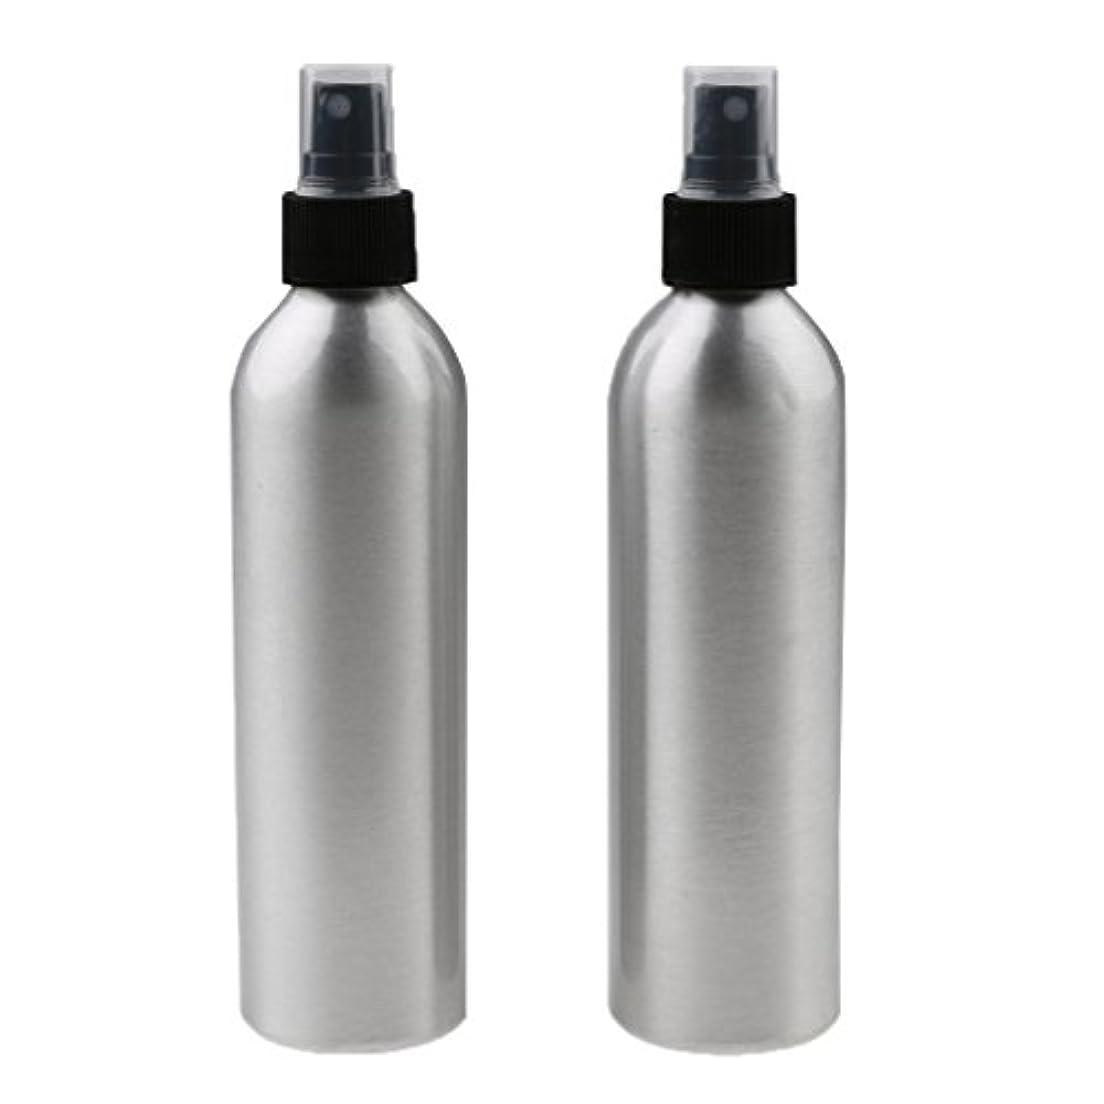 衝突不満罪人SONONIA 2個入り 旅行 アルミ ミスト スプレー 香水ボトル メイクアップ スプレー アトマイザー 小分けボトル  漏れ防止 出張 海外旅行用 全4サイズ - 100ml